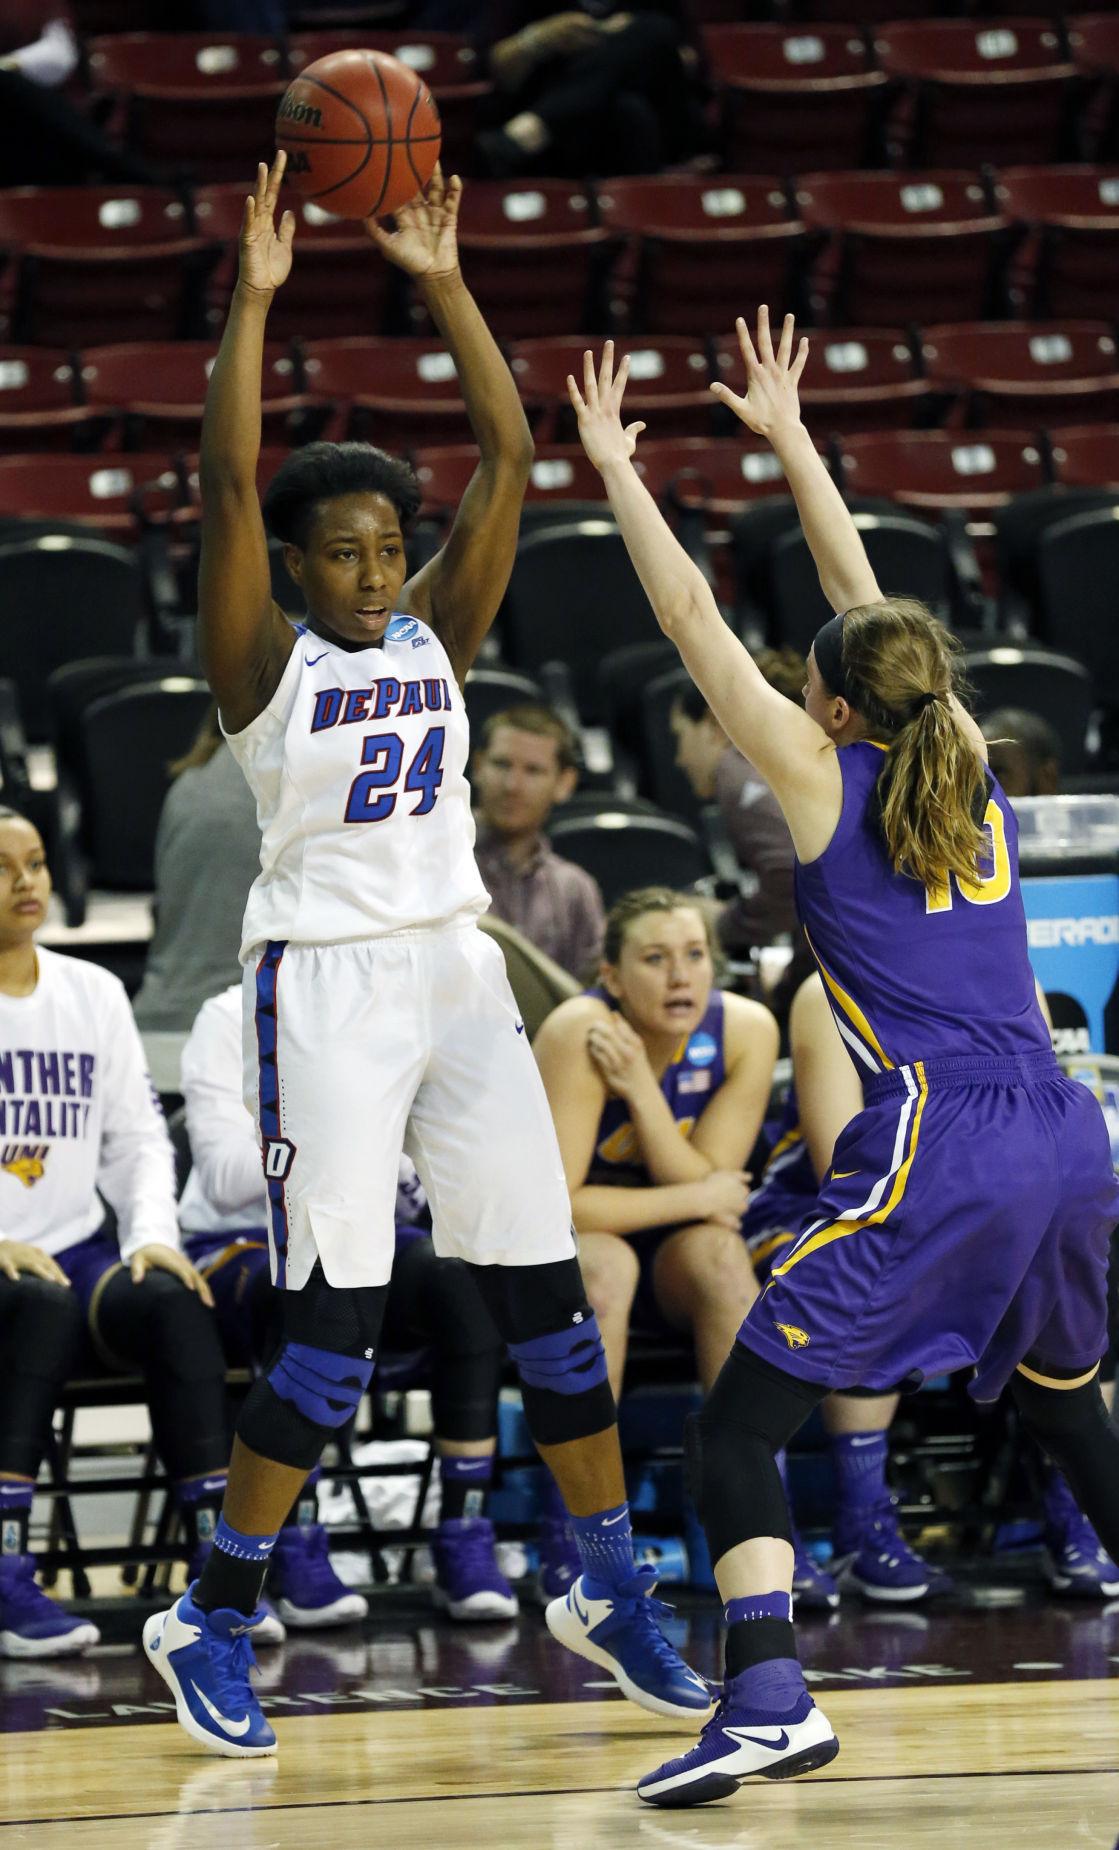 031717mp-NCAA-uni-DePaul-Basketball-3